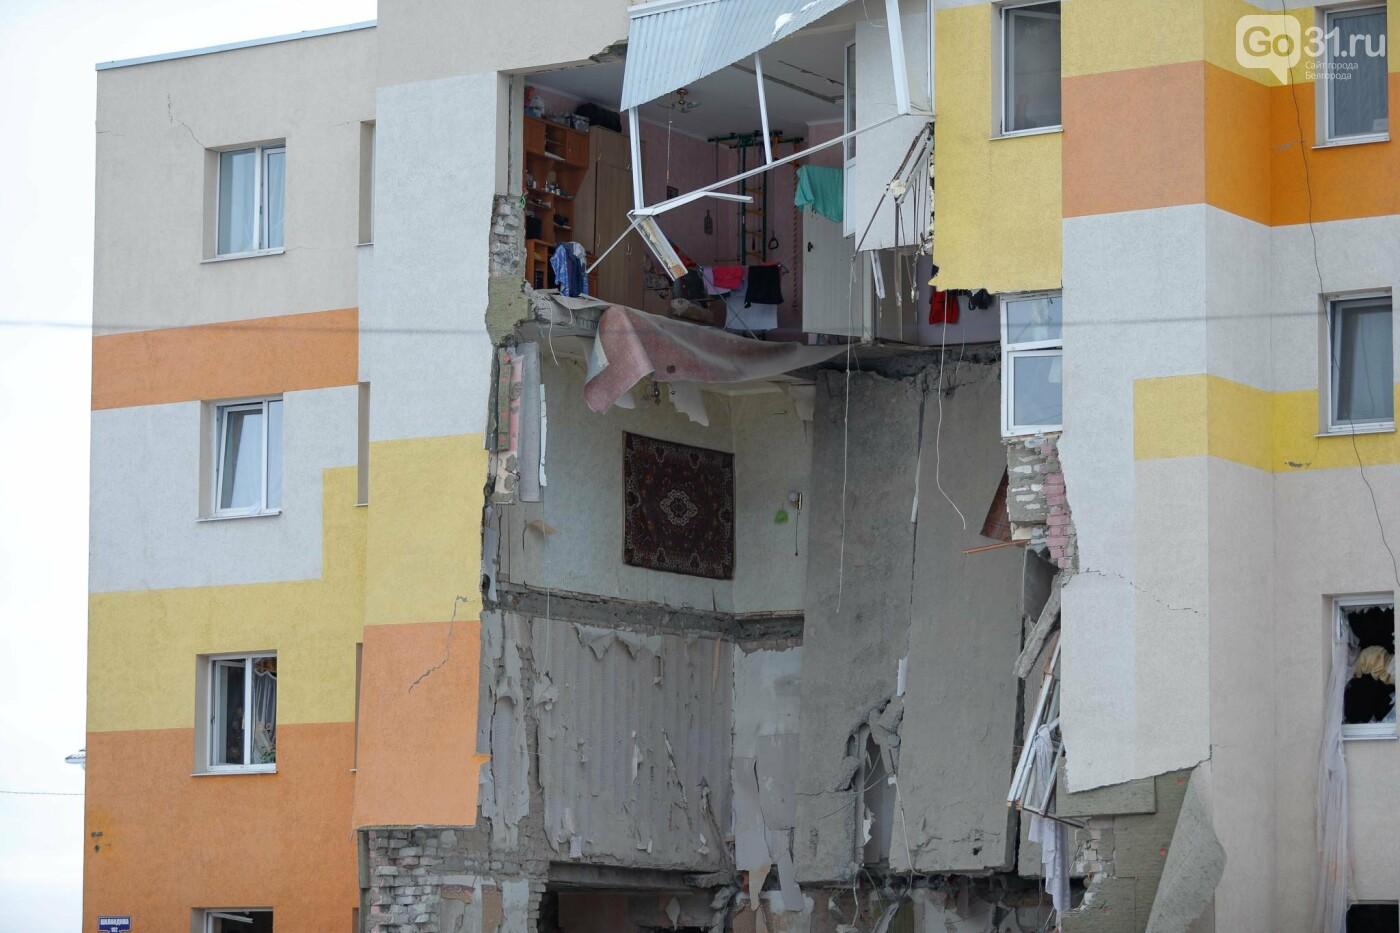 Белгородцы приносят цветы к разрушенному взрывом дому в Яковлево, фото-7